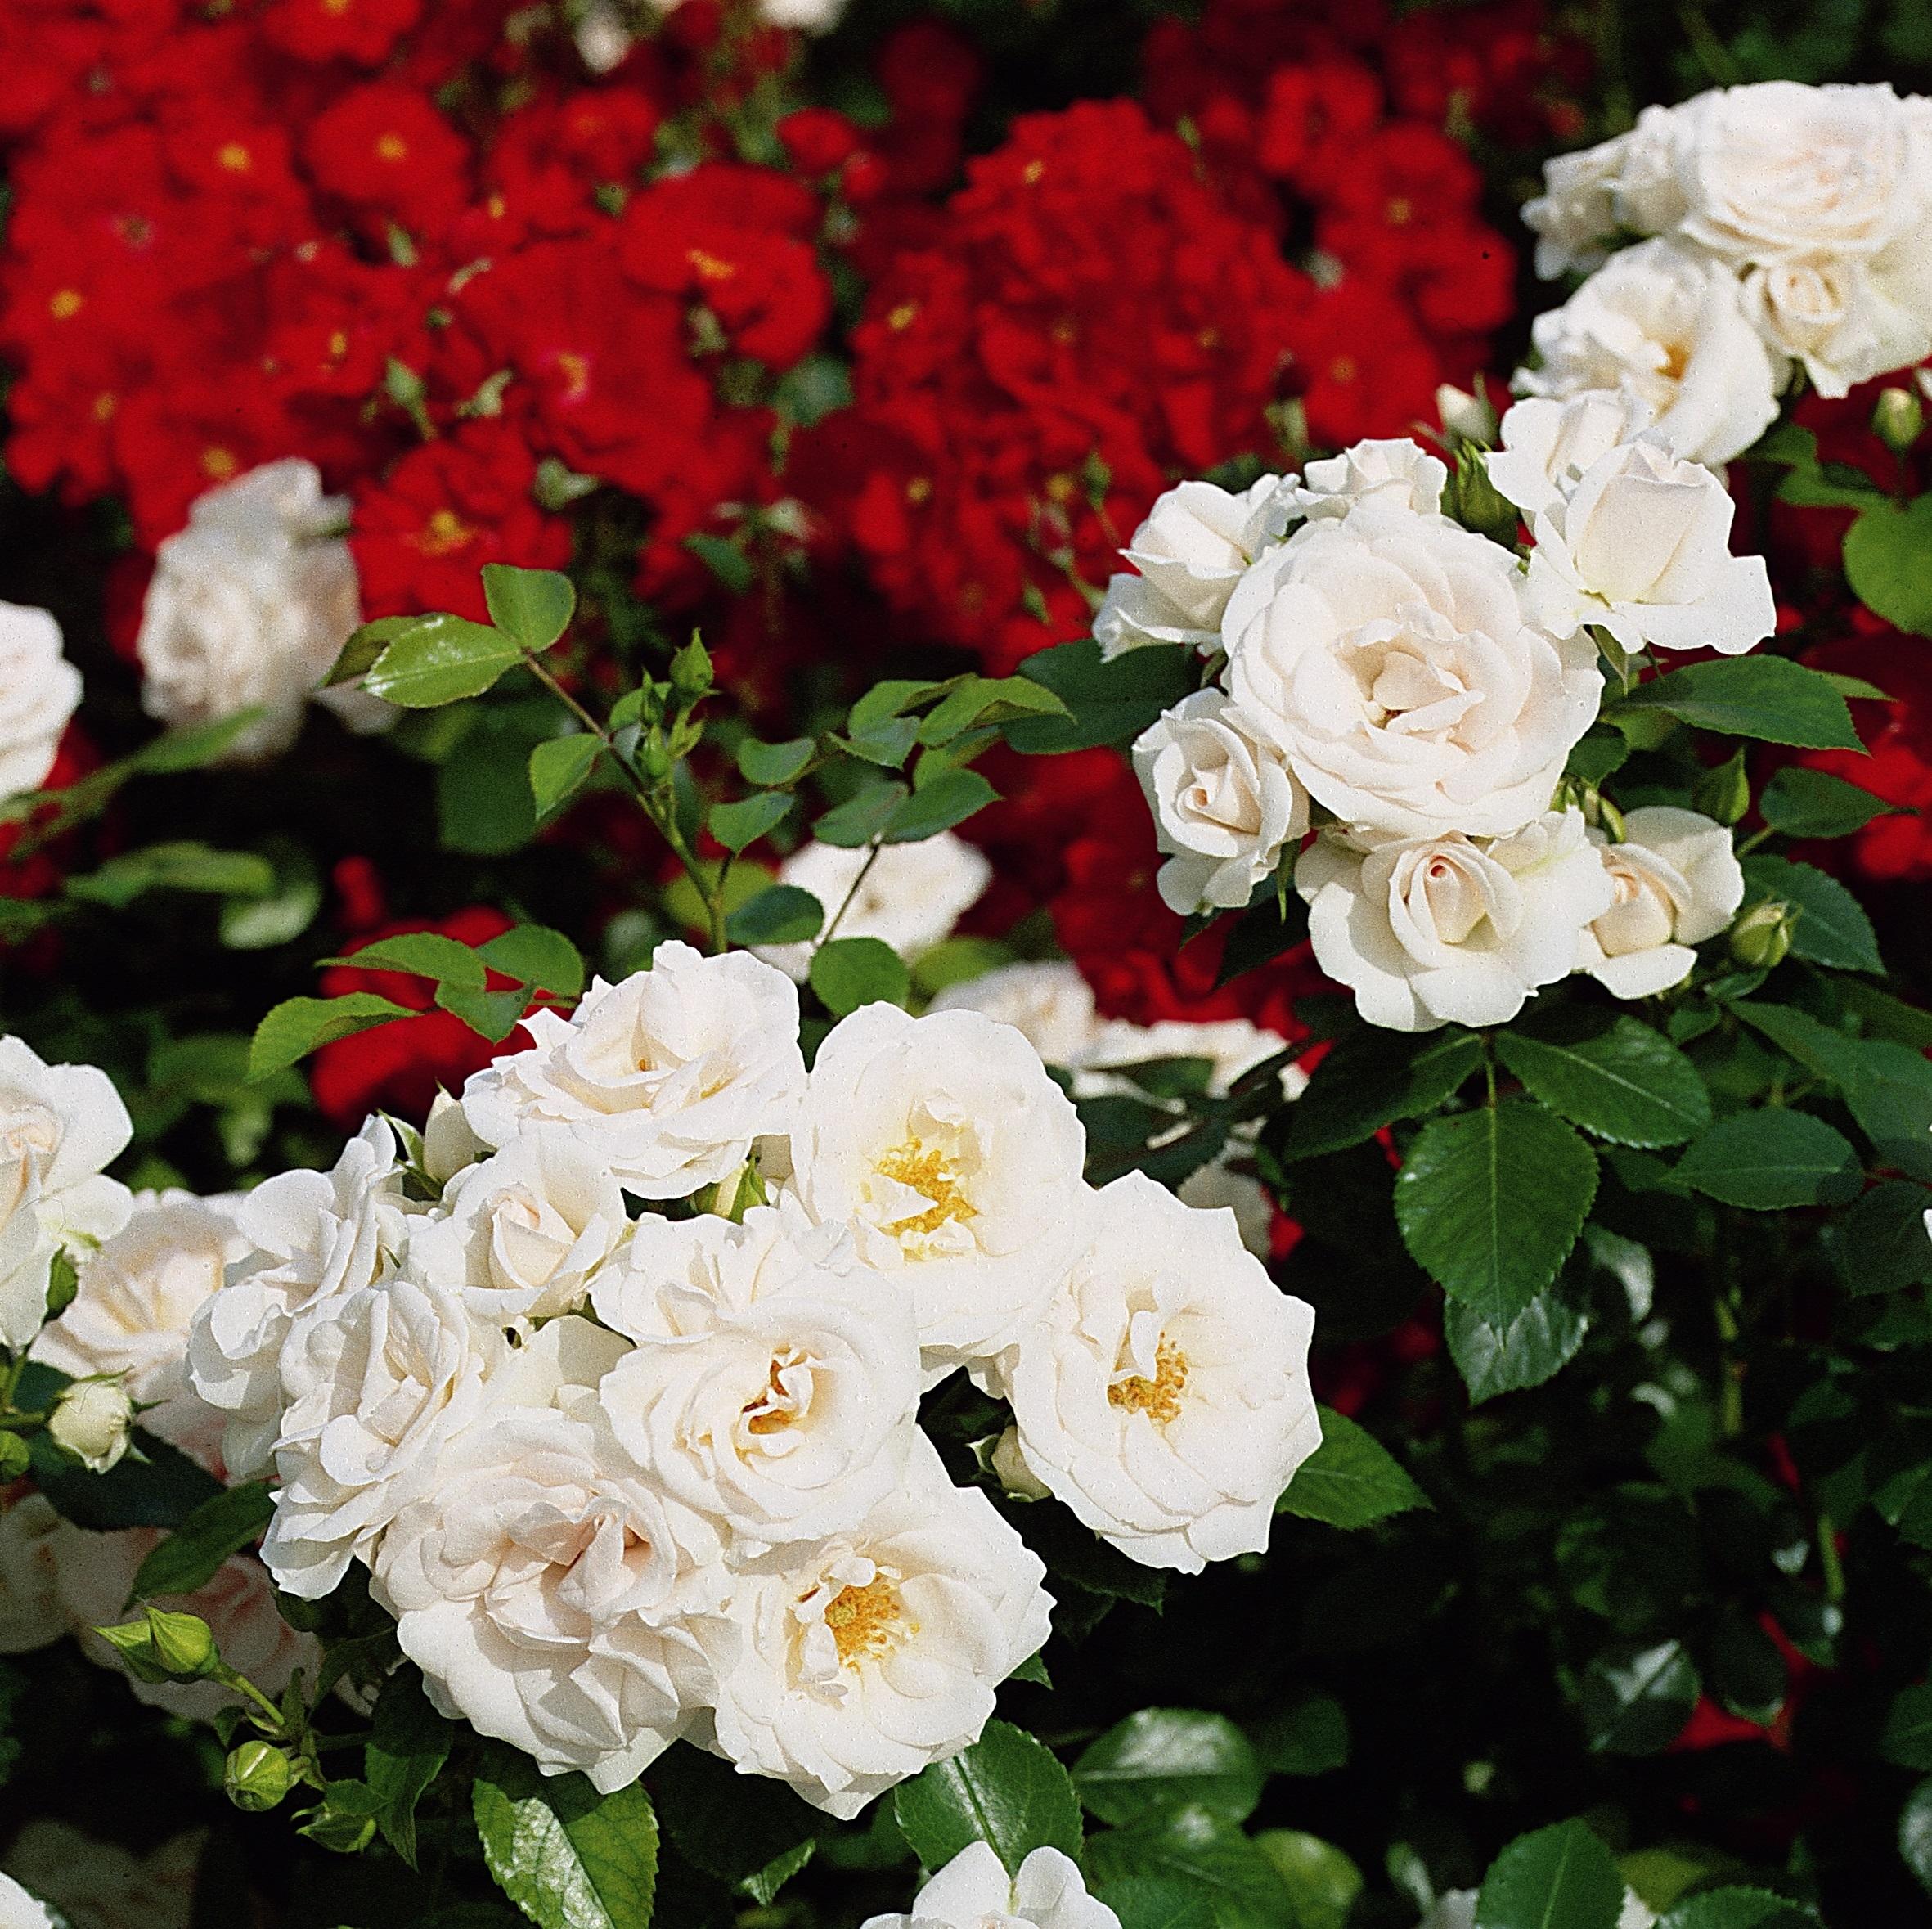 Egal ob für Vase oder Beet: Rosen aus NRW sind erste Wahl